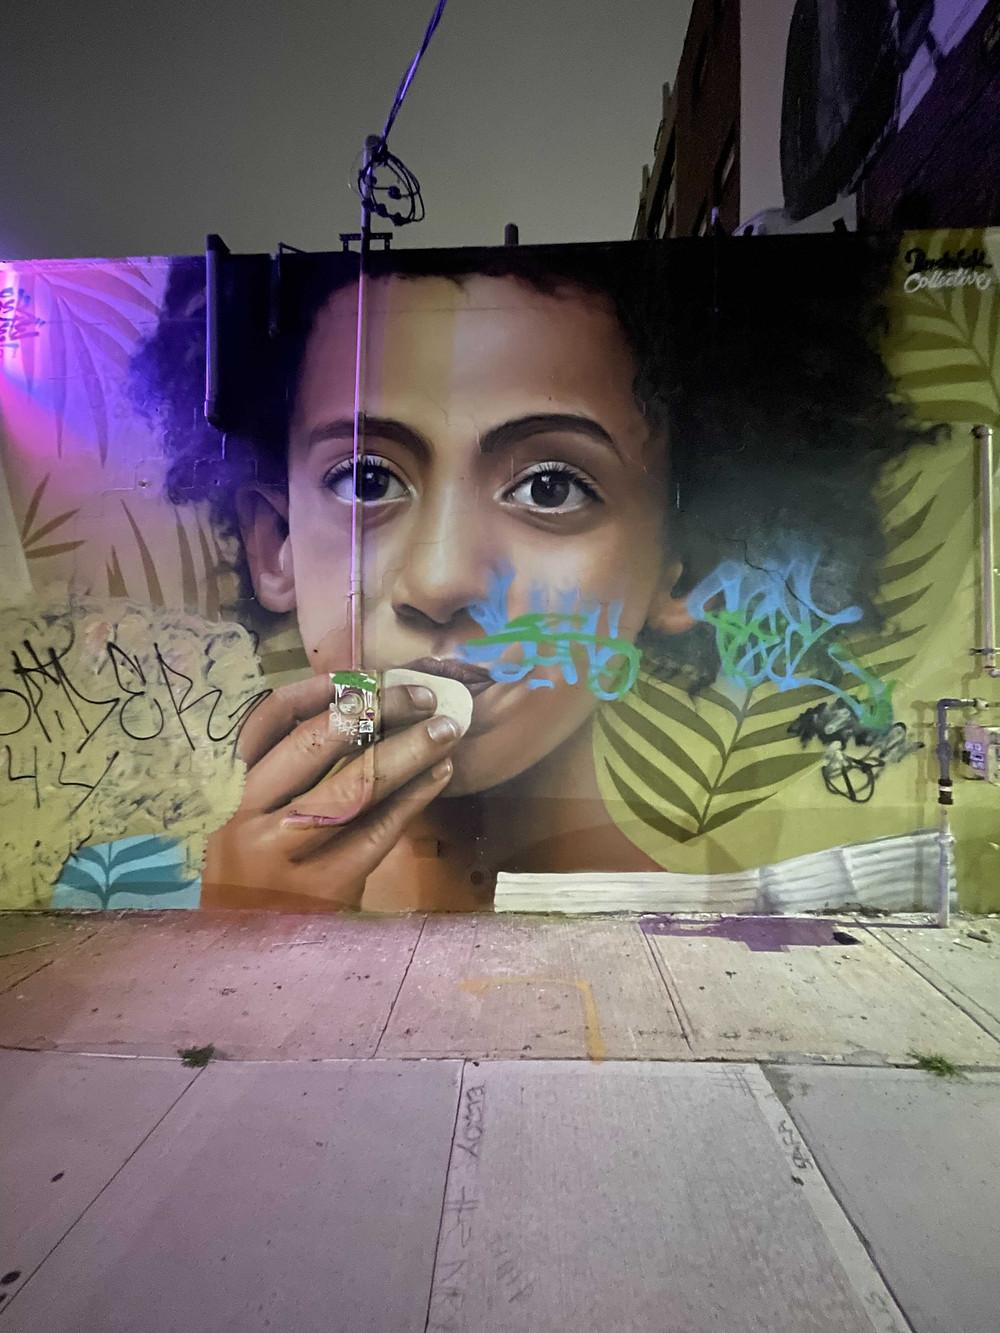 Bushwick street art, Brooklyn